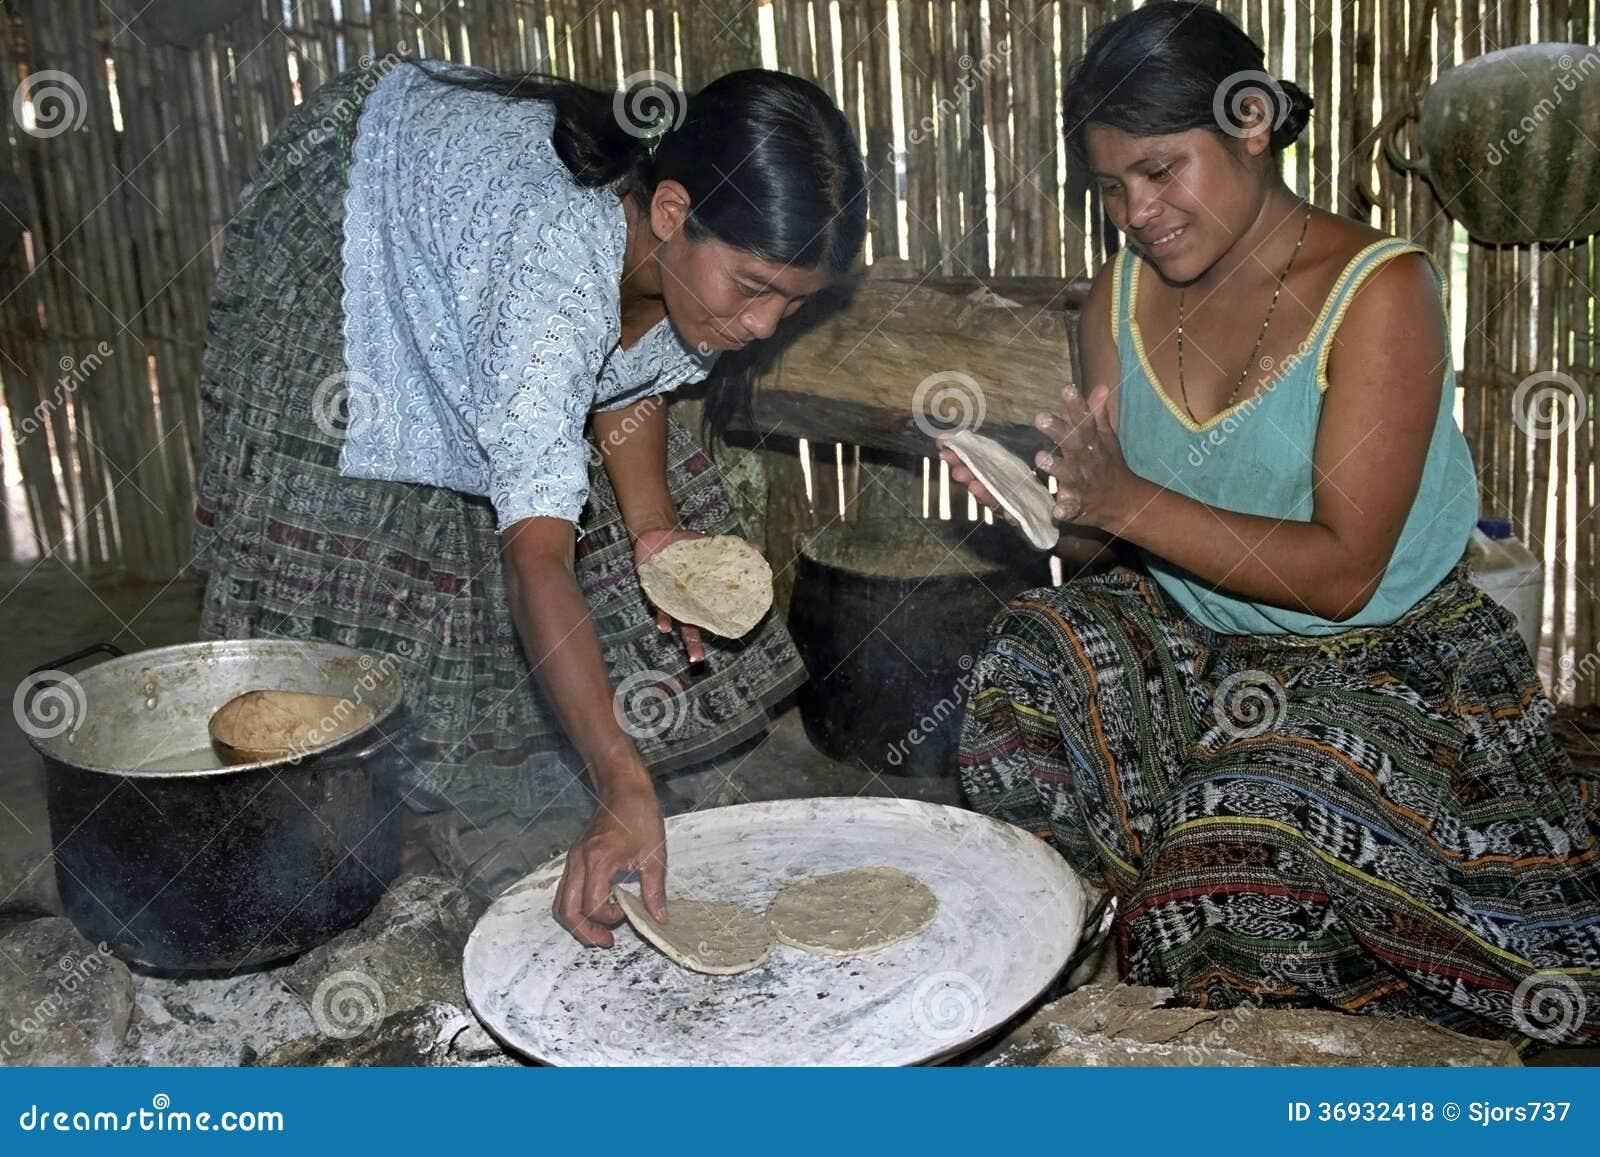 Guatemalan Indian women preparing tortillas